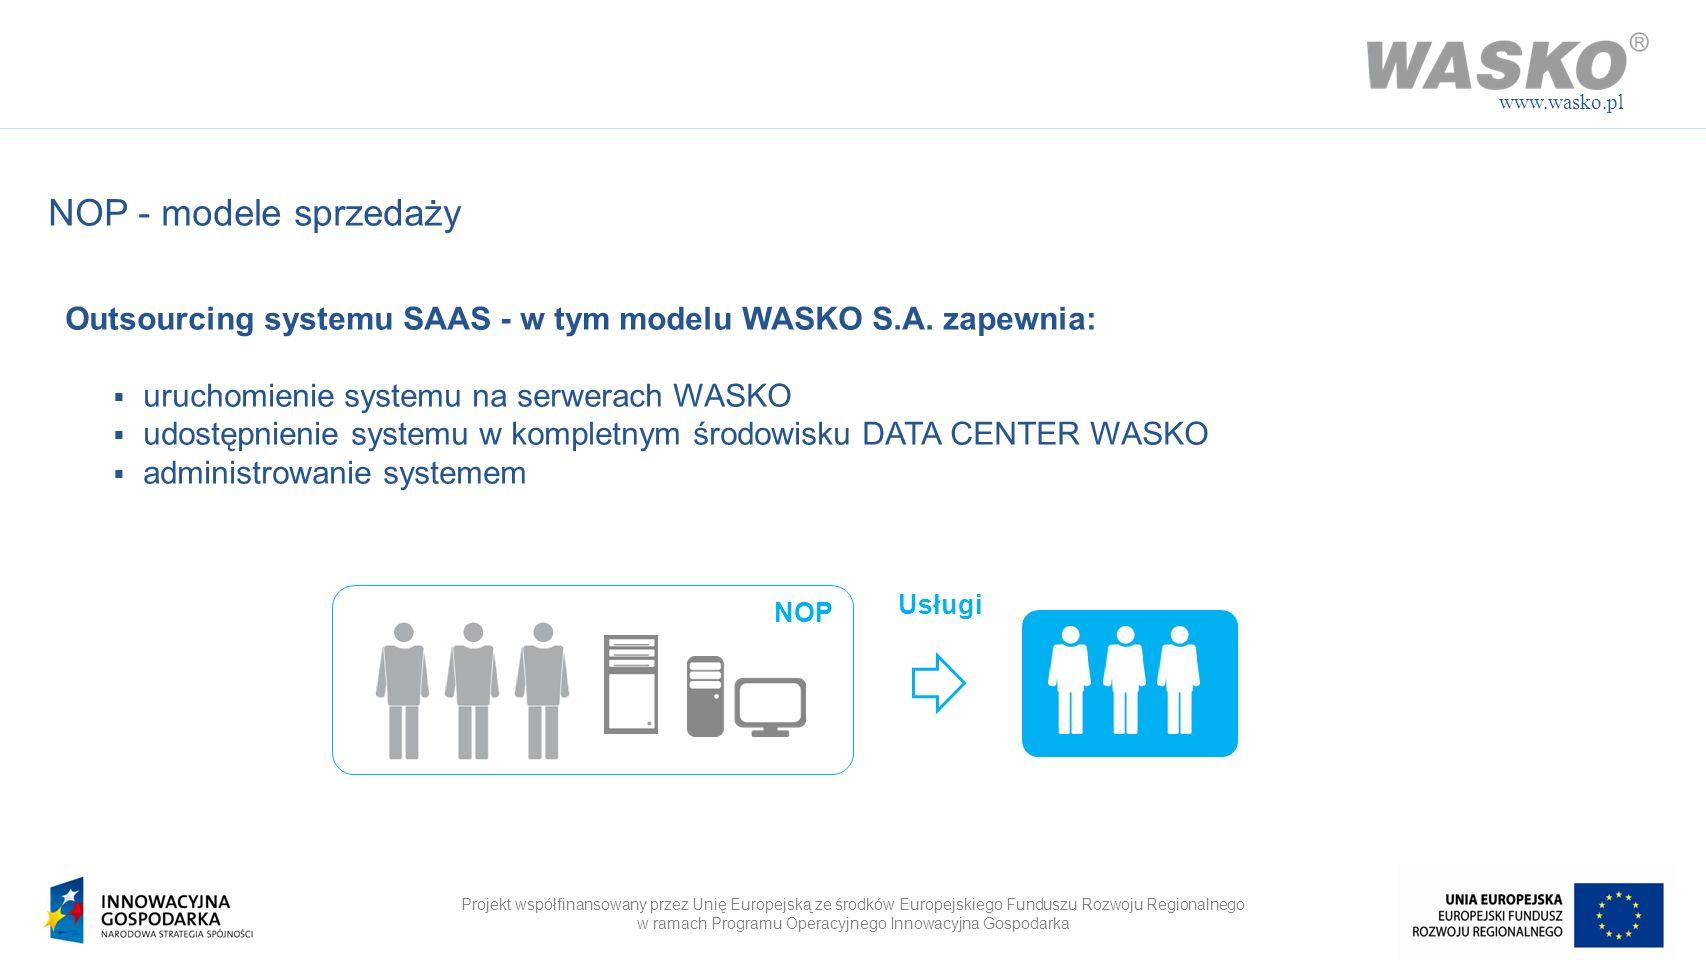 www.wasko.plNOP - modele sprzedaży. Outsourcing systemu SAAS - w tym modelu WASKO S.A. zapewnia: uruchomienie systemu na serwerach WASKO.